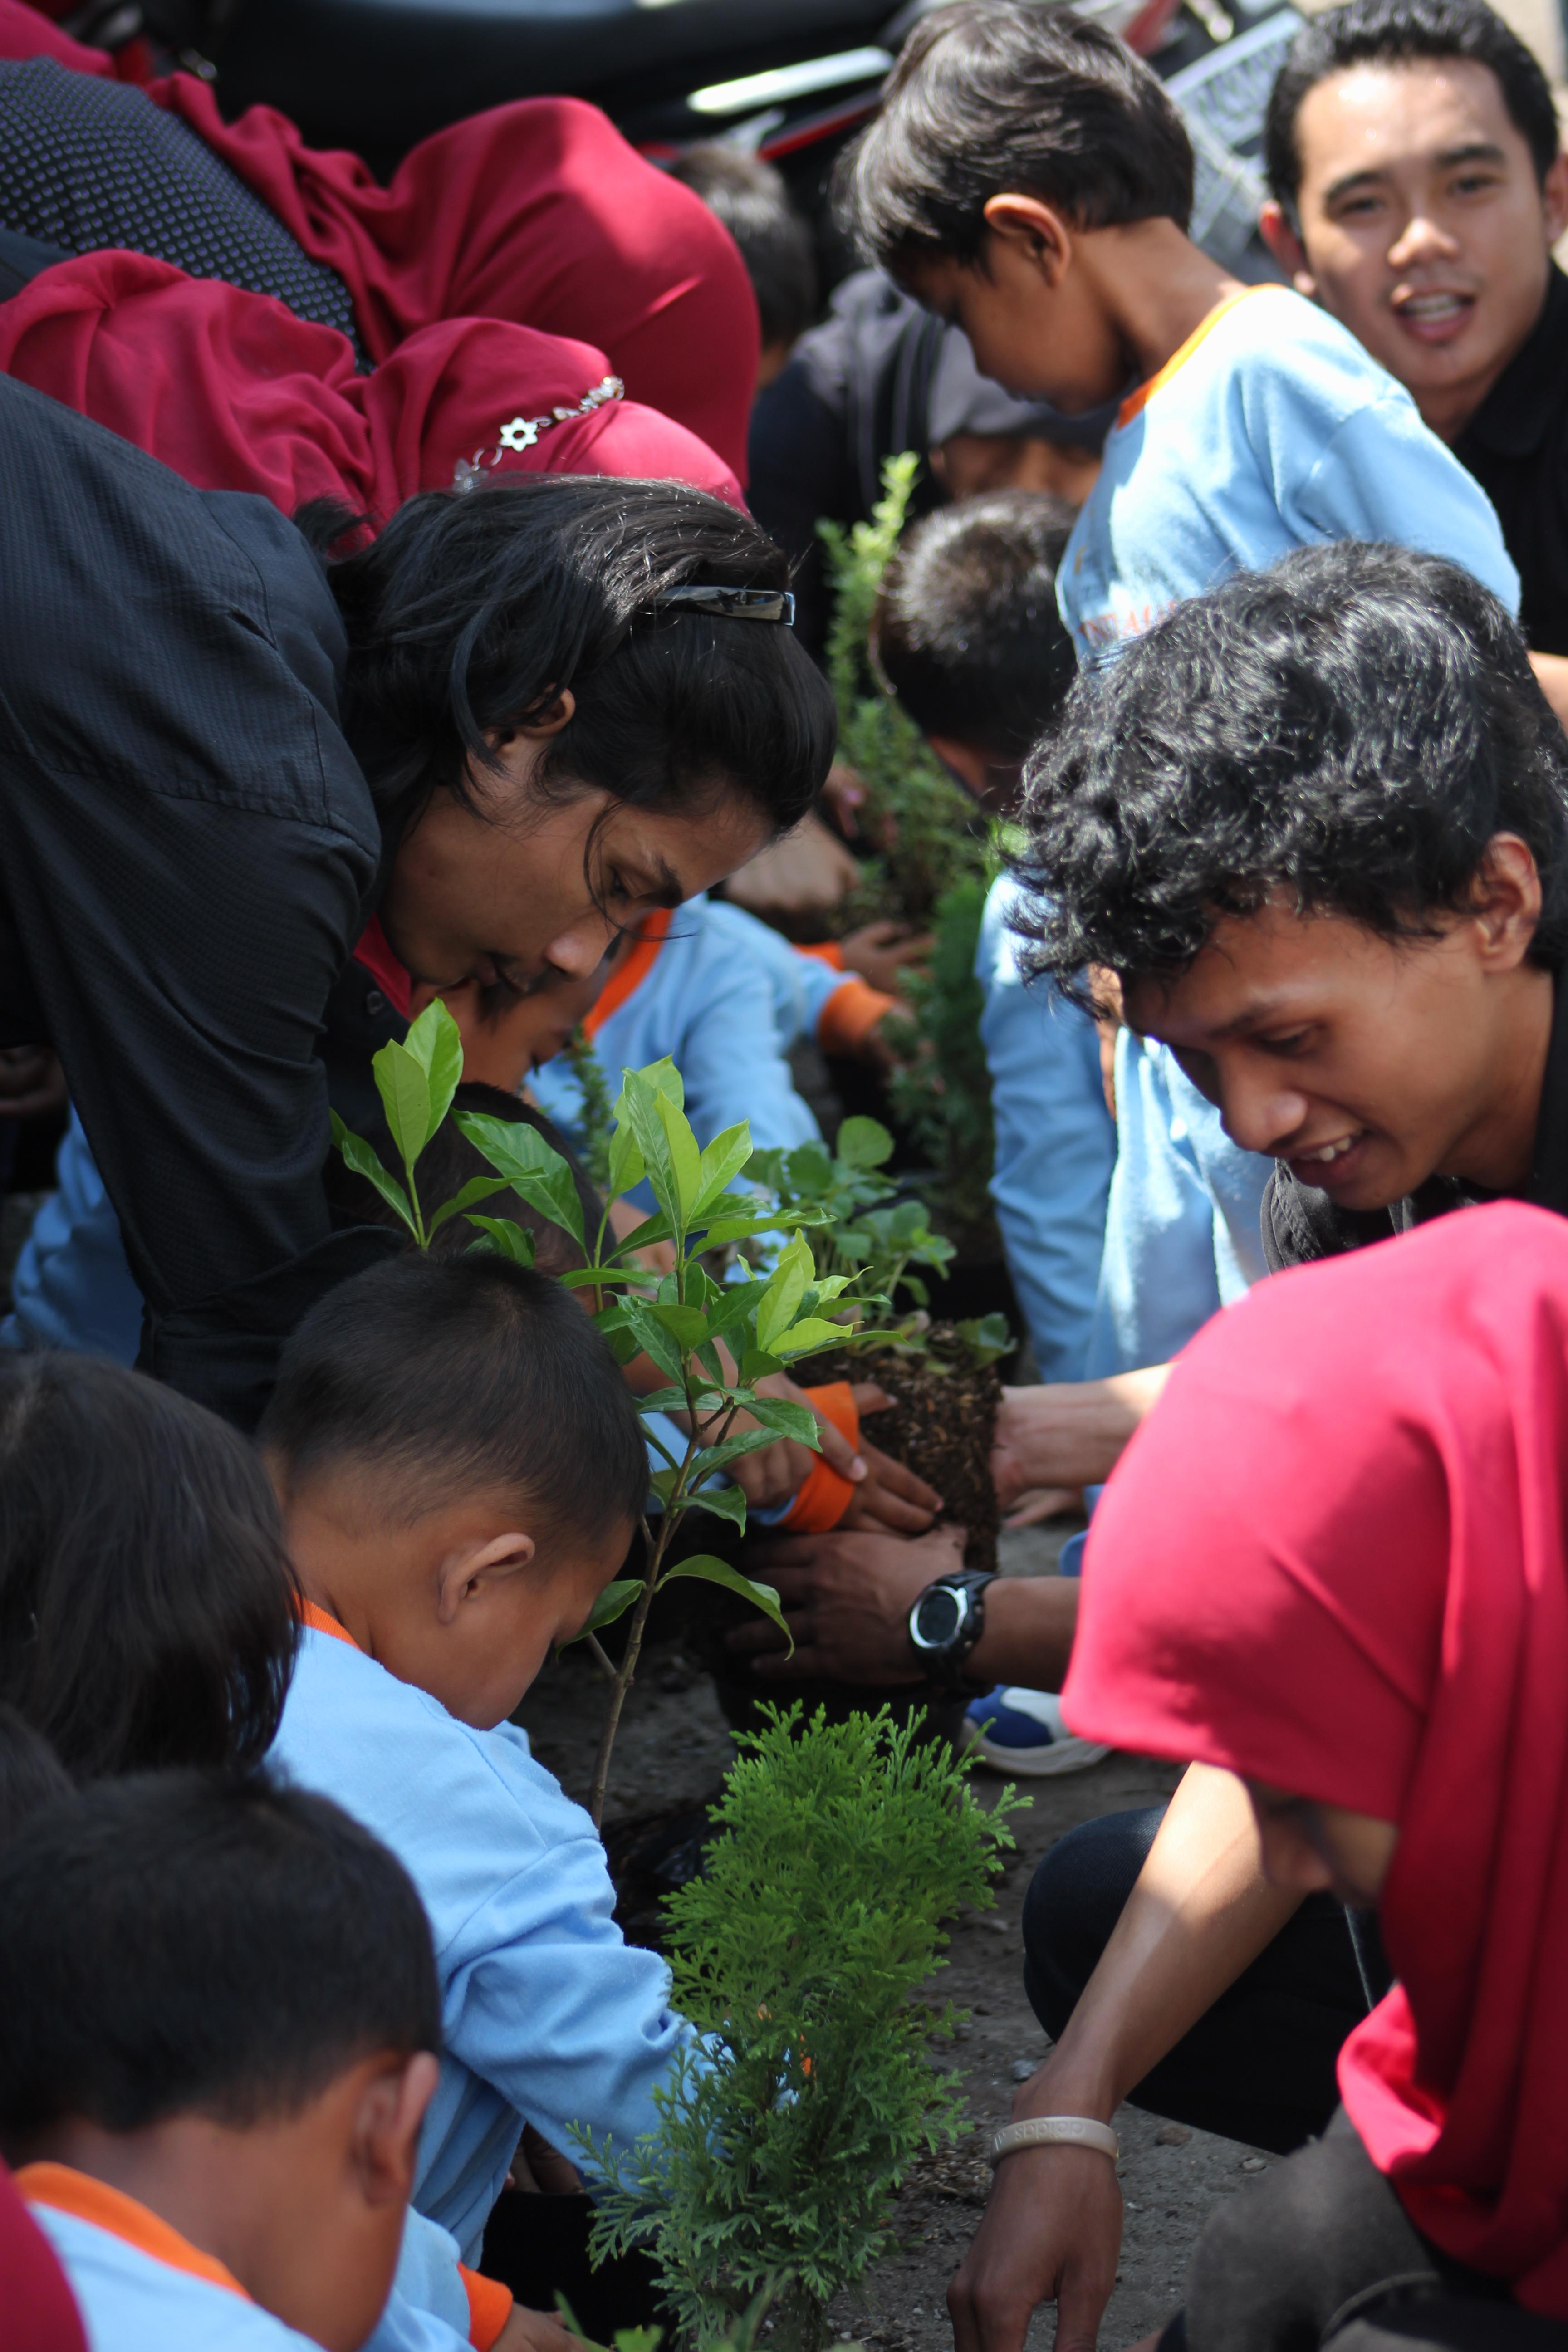 Peduli Lingkungan Ajarkan Anak Menanam Pohon Universitas